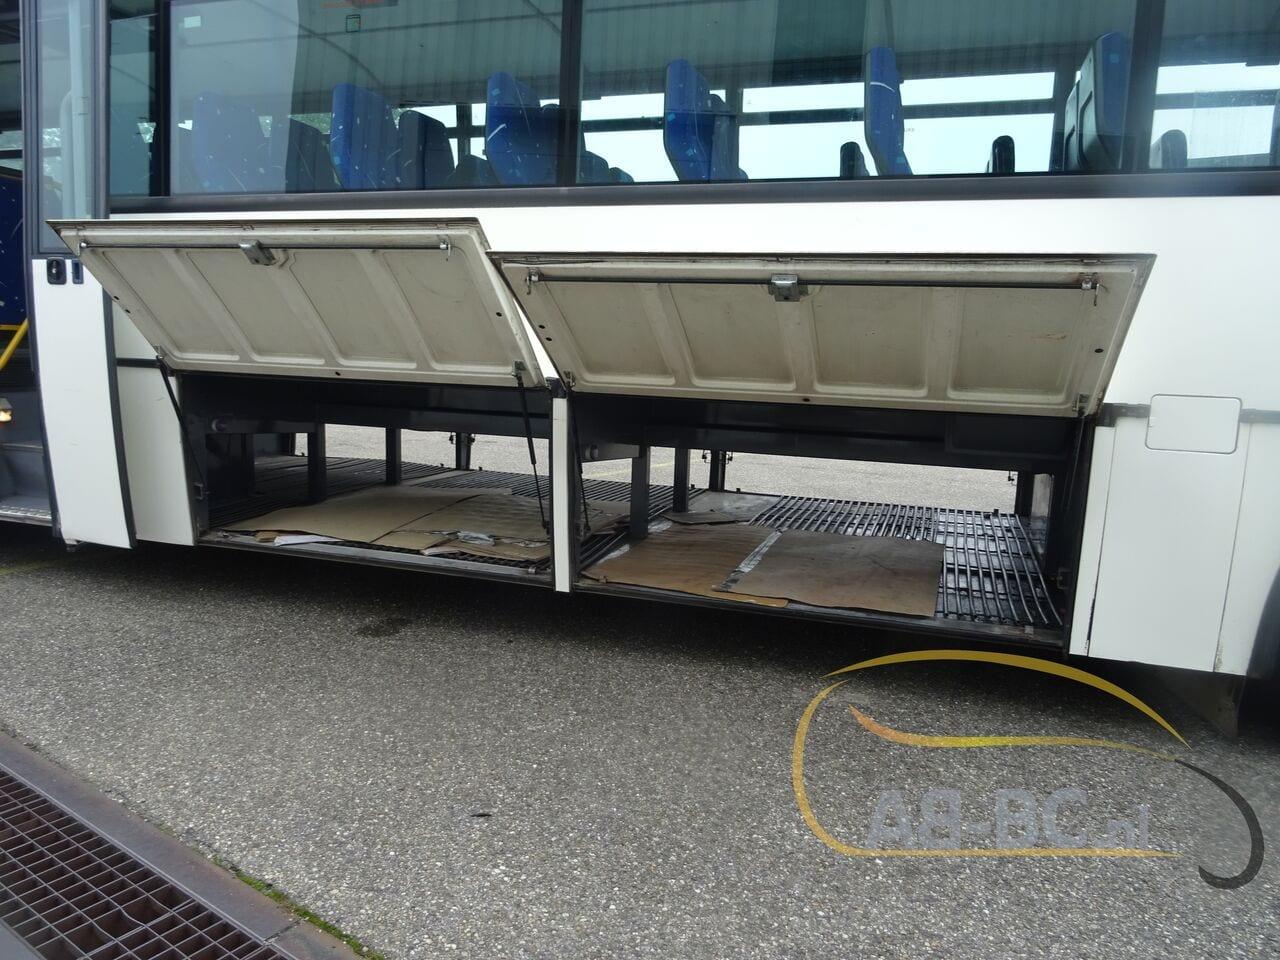 interurban-busIVECO-Irisbus-Recreo-64-Seats---1626159698673549903_big_461bb019a3ddb53980e787e1afb75572--21071309575983154500